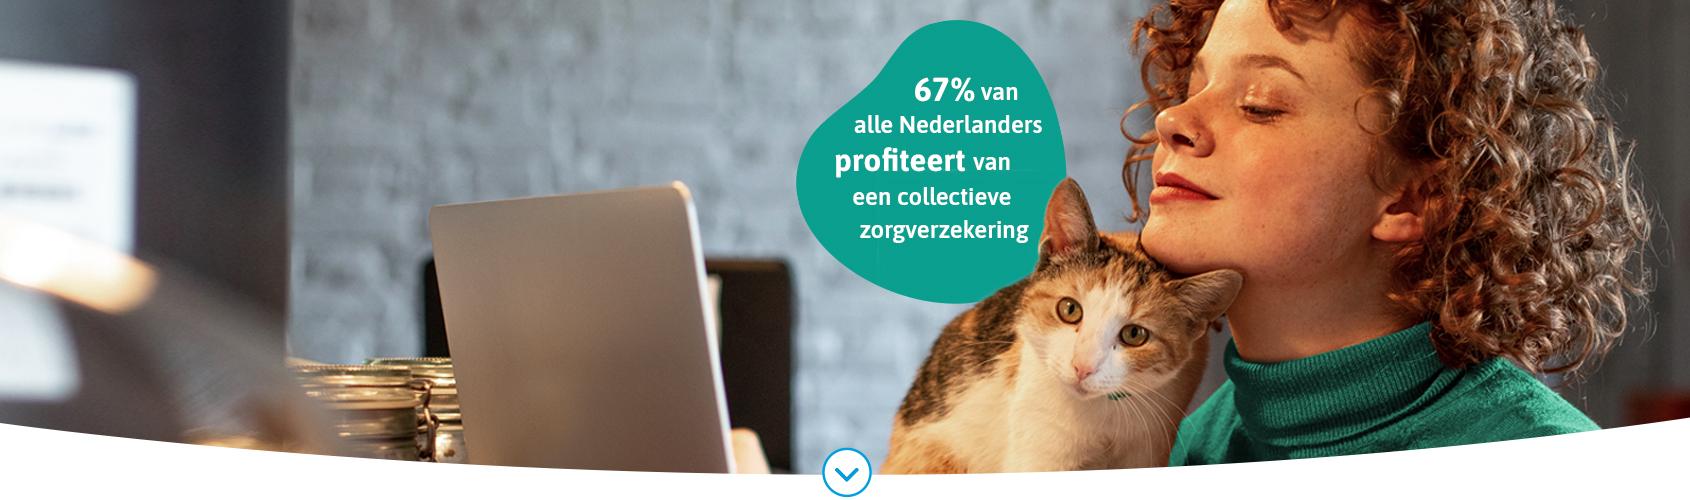 67% van alle Nederlanders profiteert van vele extra's en korting via hun collectieve zorgverzekering